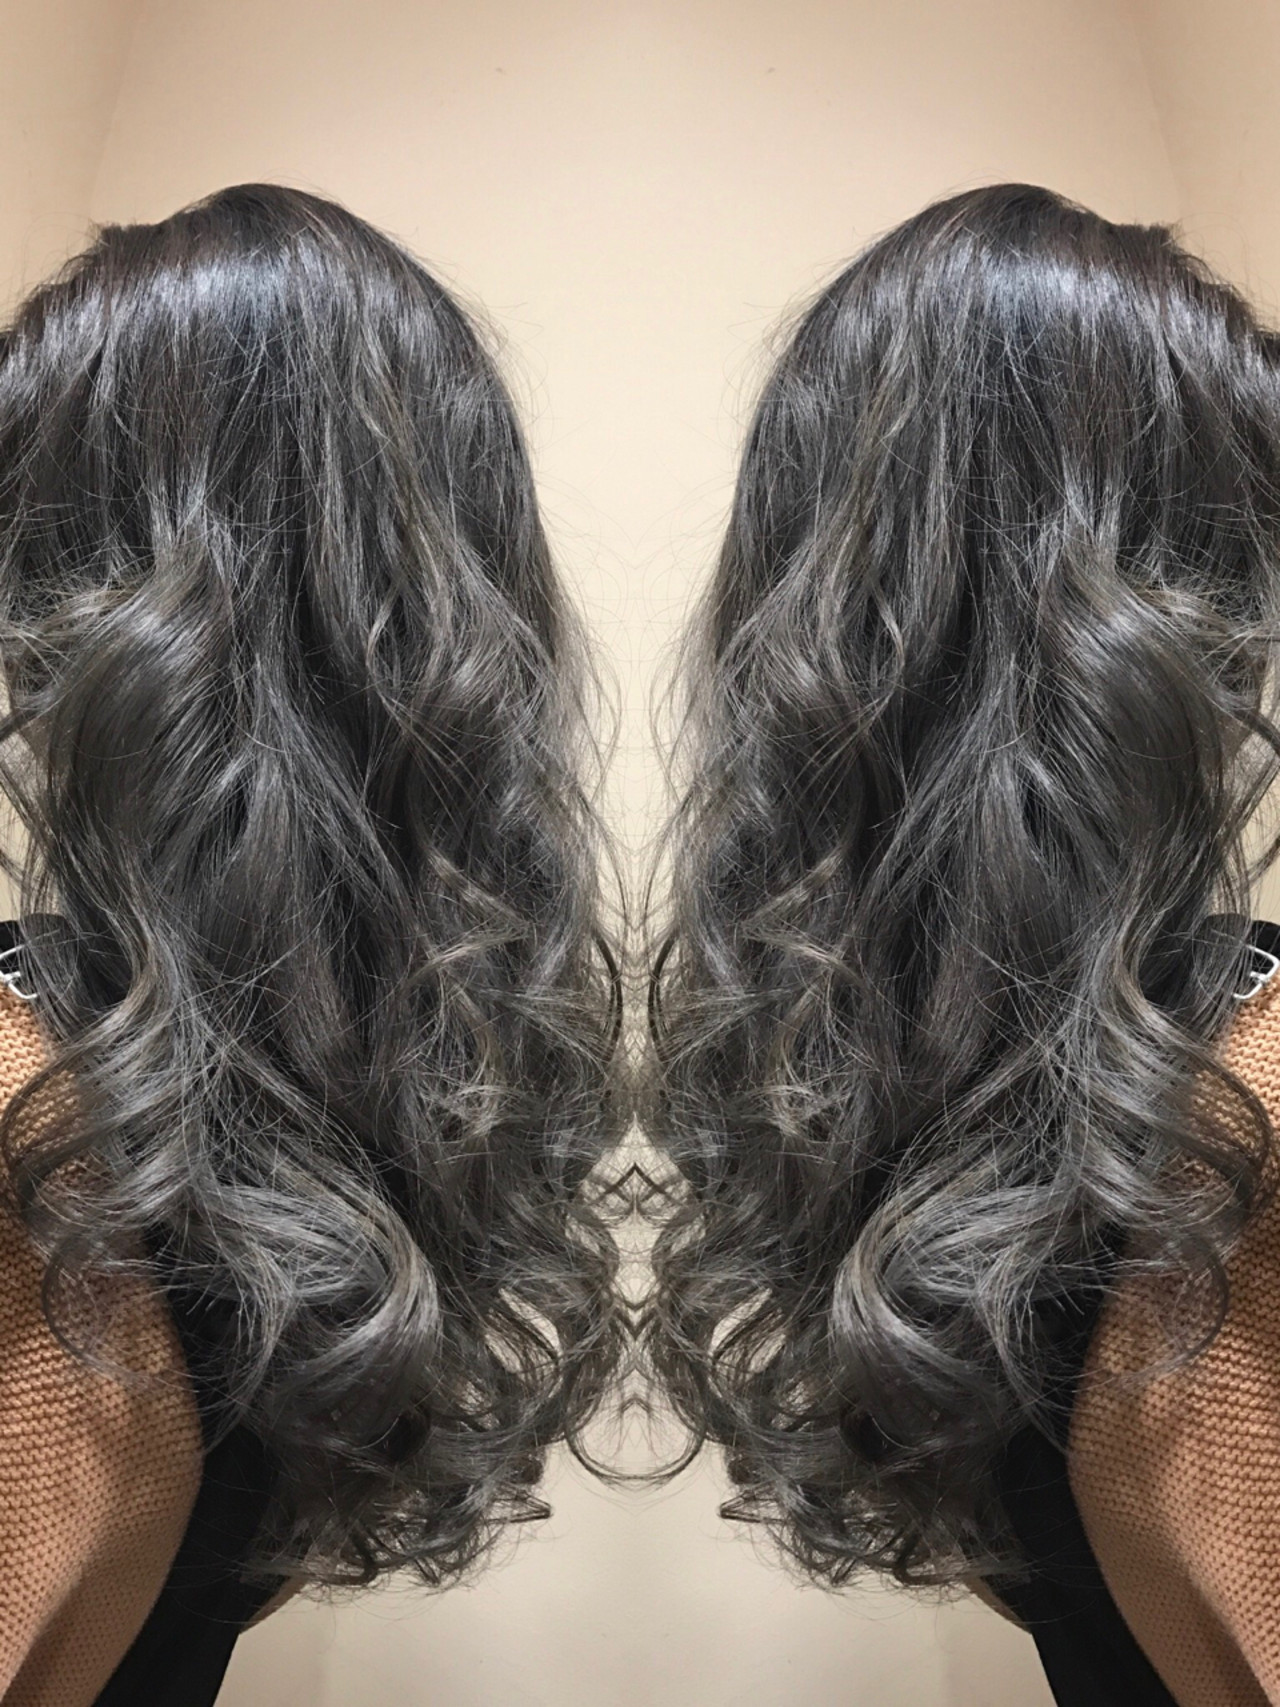 ガーリー ハイライト 透明感 バレイヤージュ ヘアスタイルや髪型の写真・画像